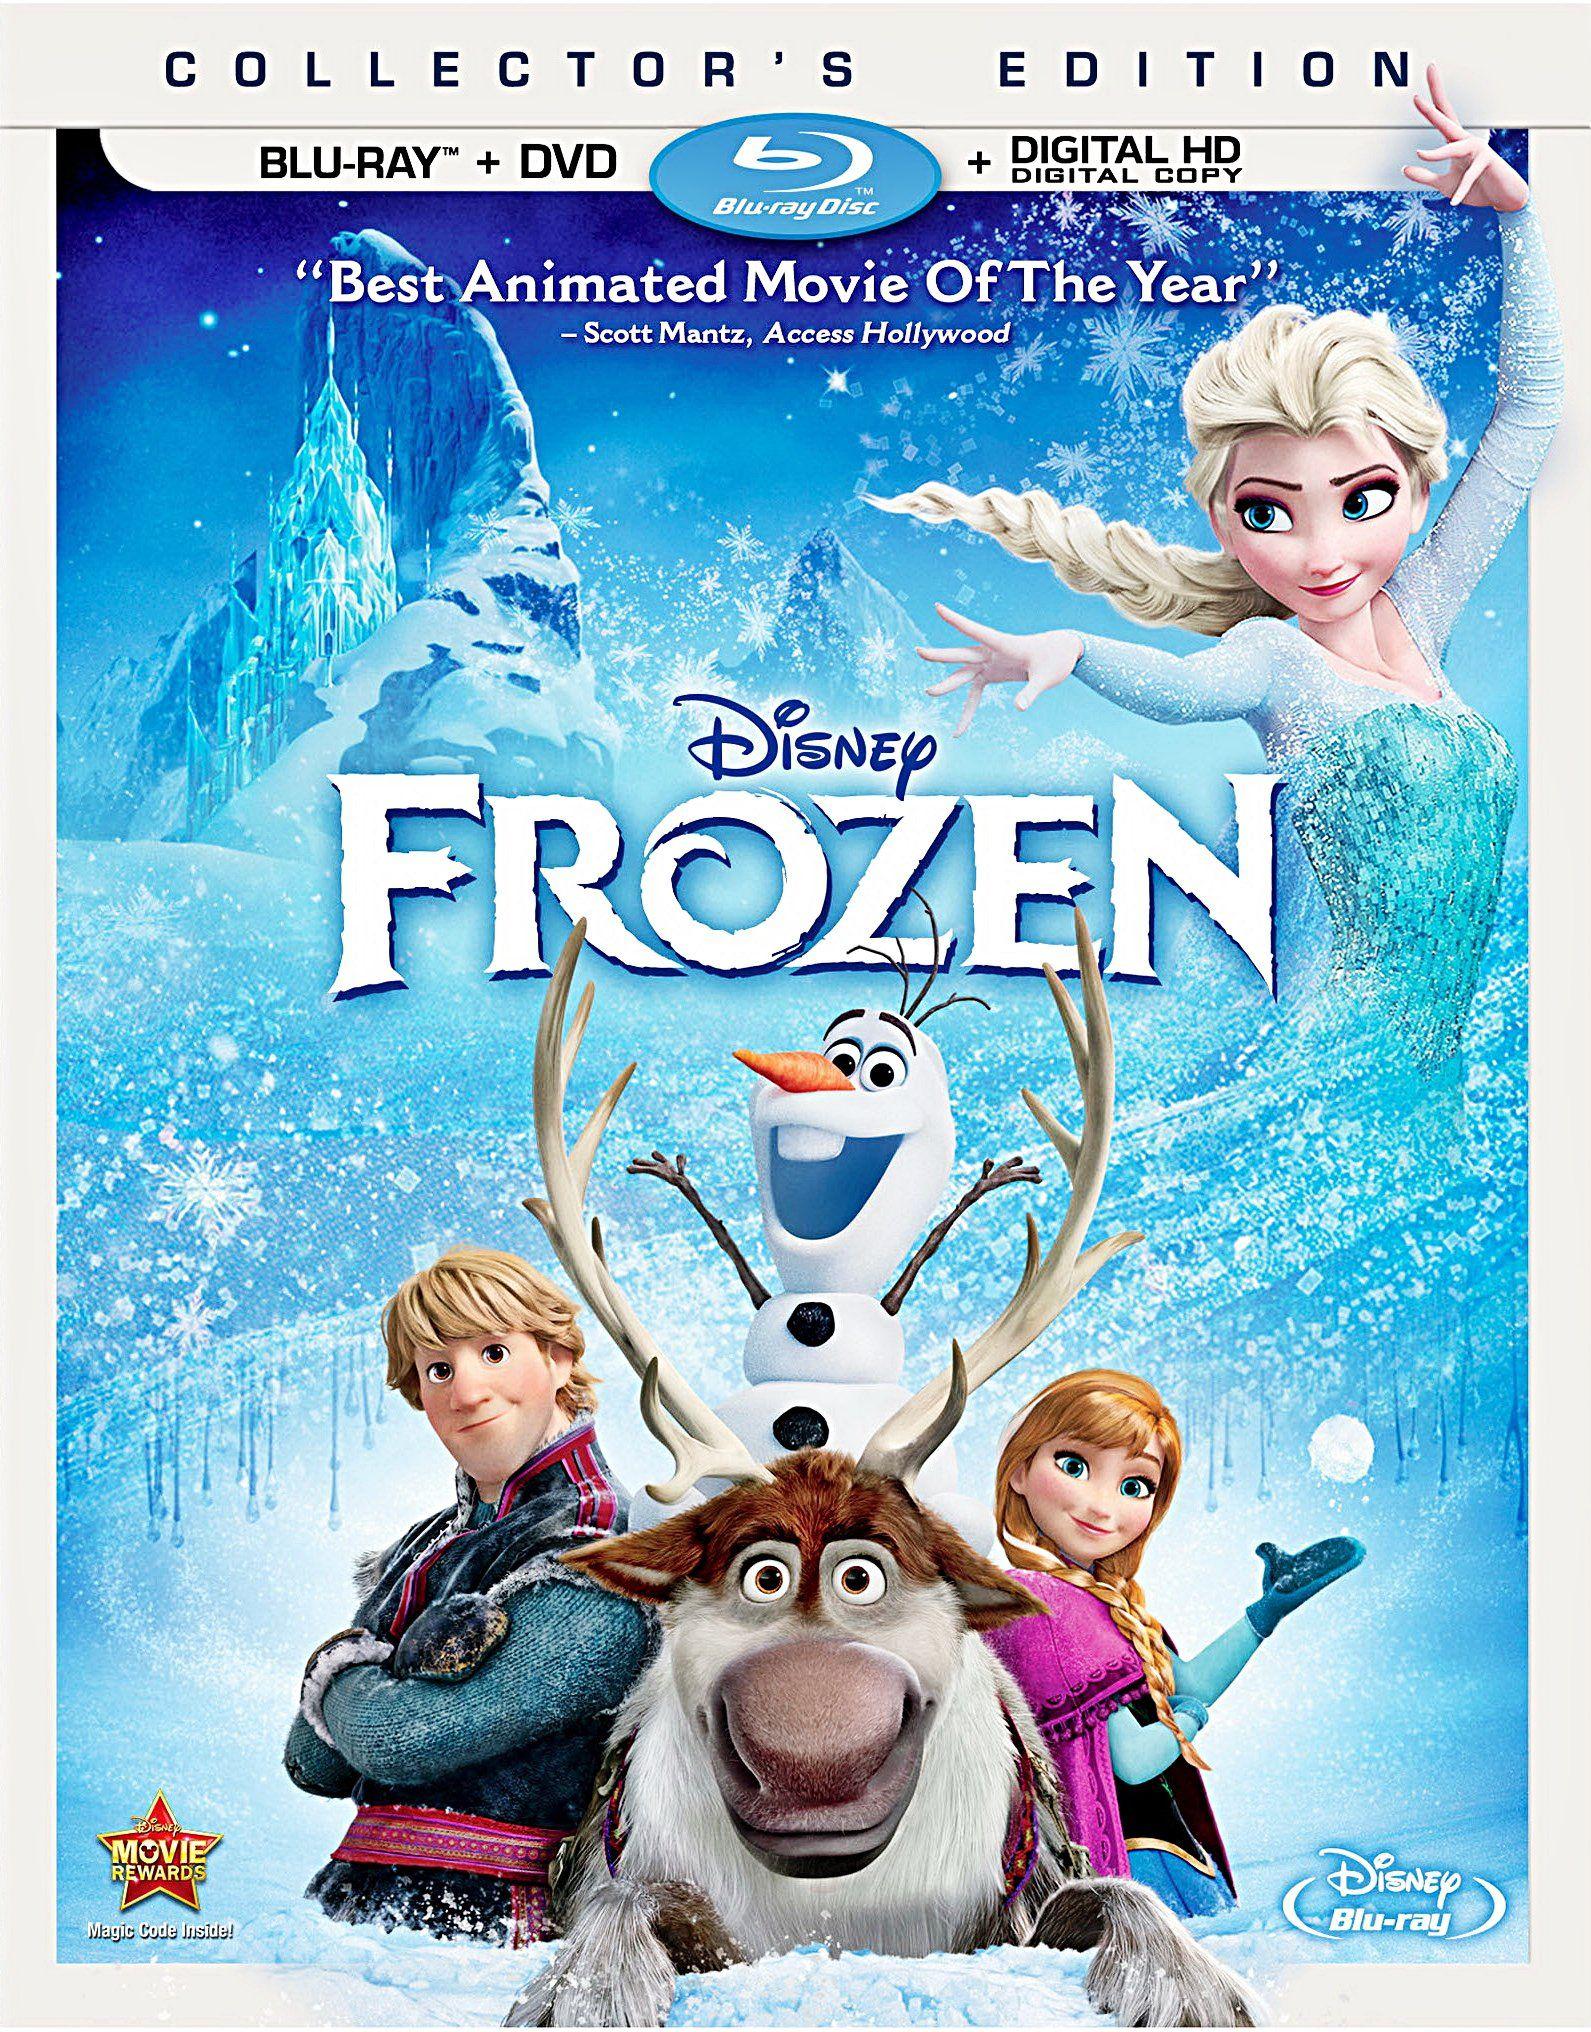 Ver Frozen Una Aventura Congelada 2013 Película Online Películas Infantiles